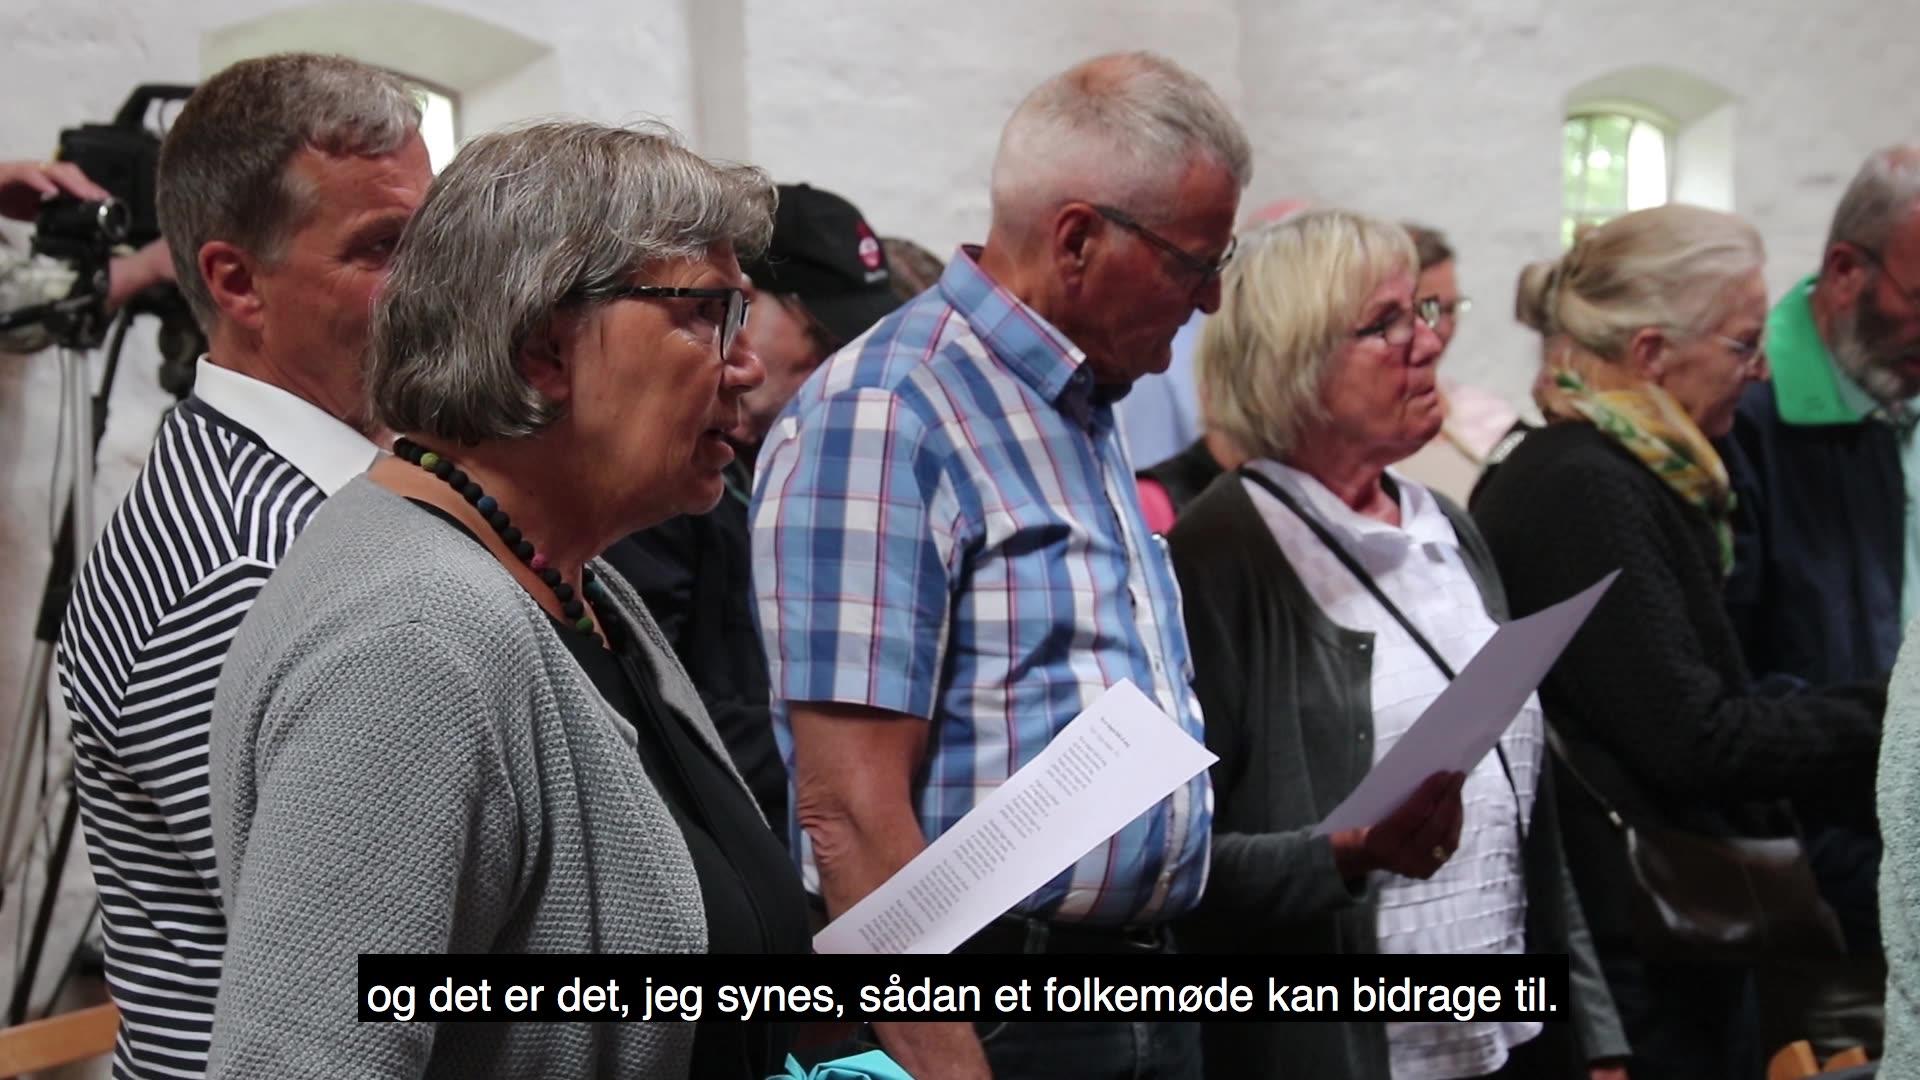 Videoer fra samtaler på Jenle under Skivemødet den 18.maj 2018